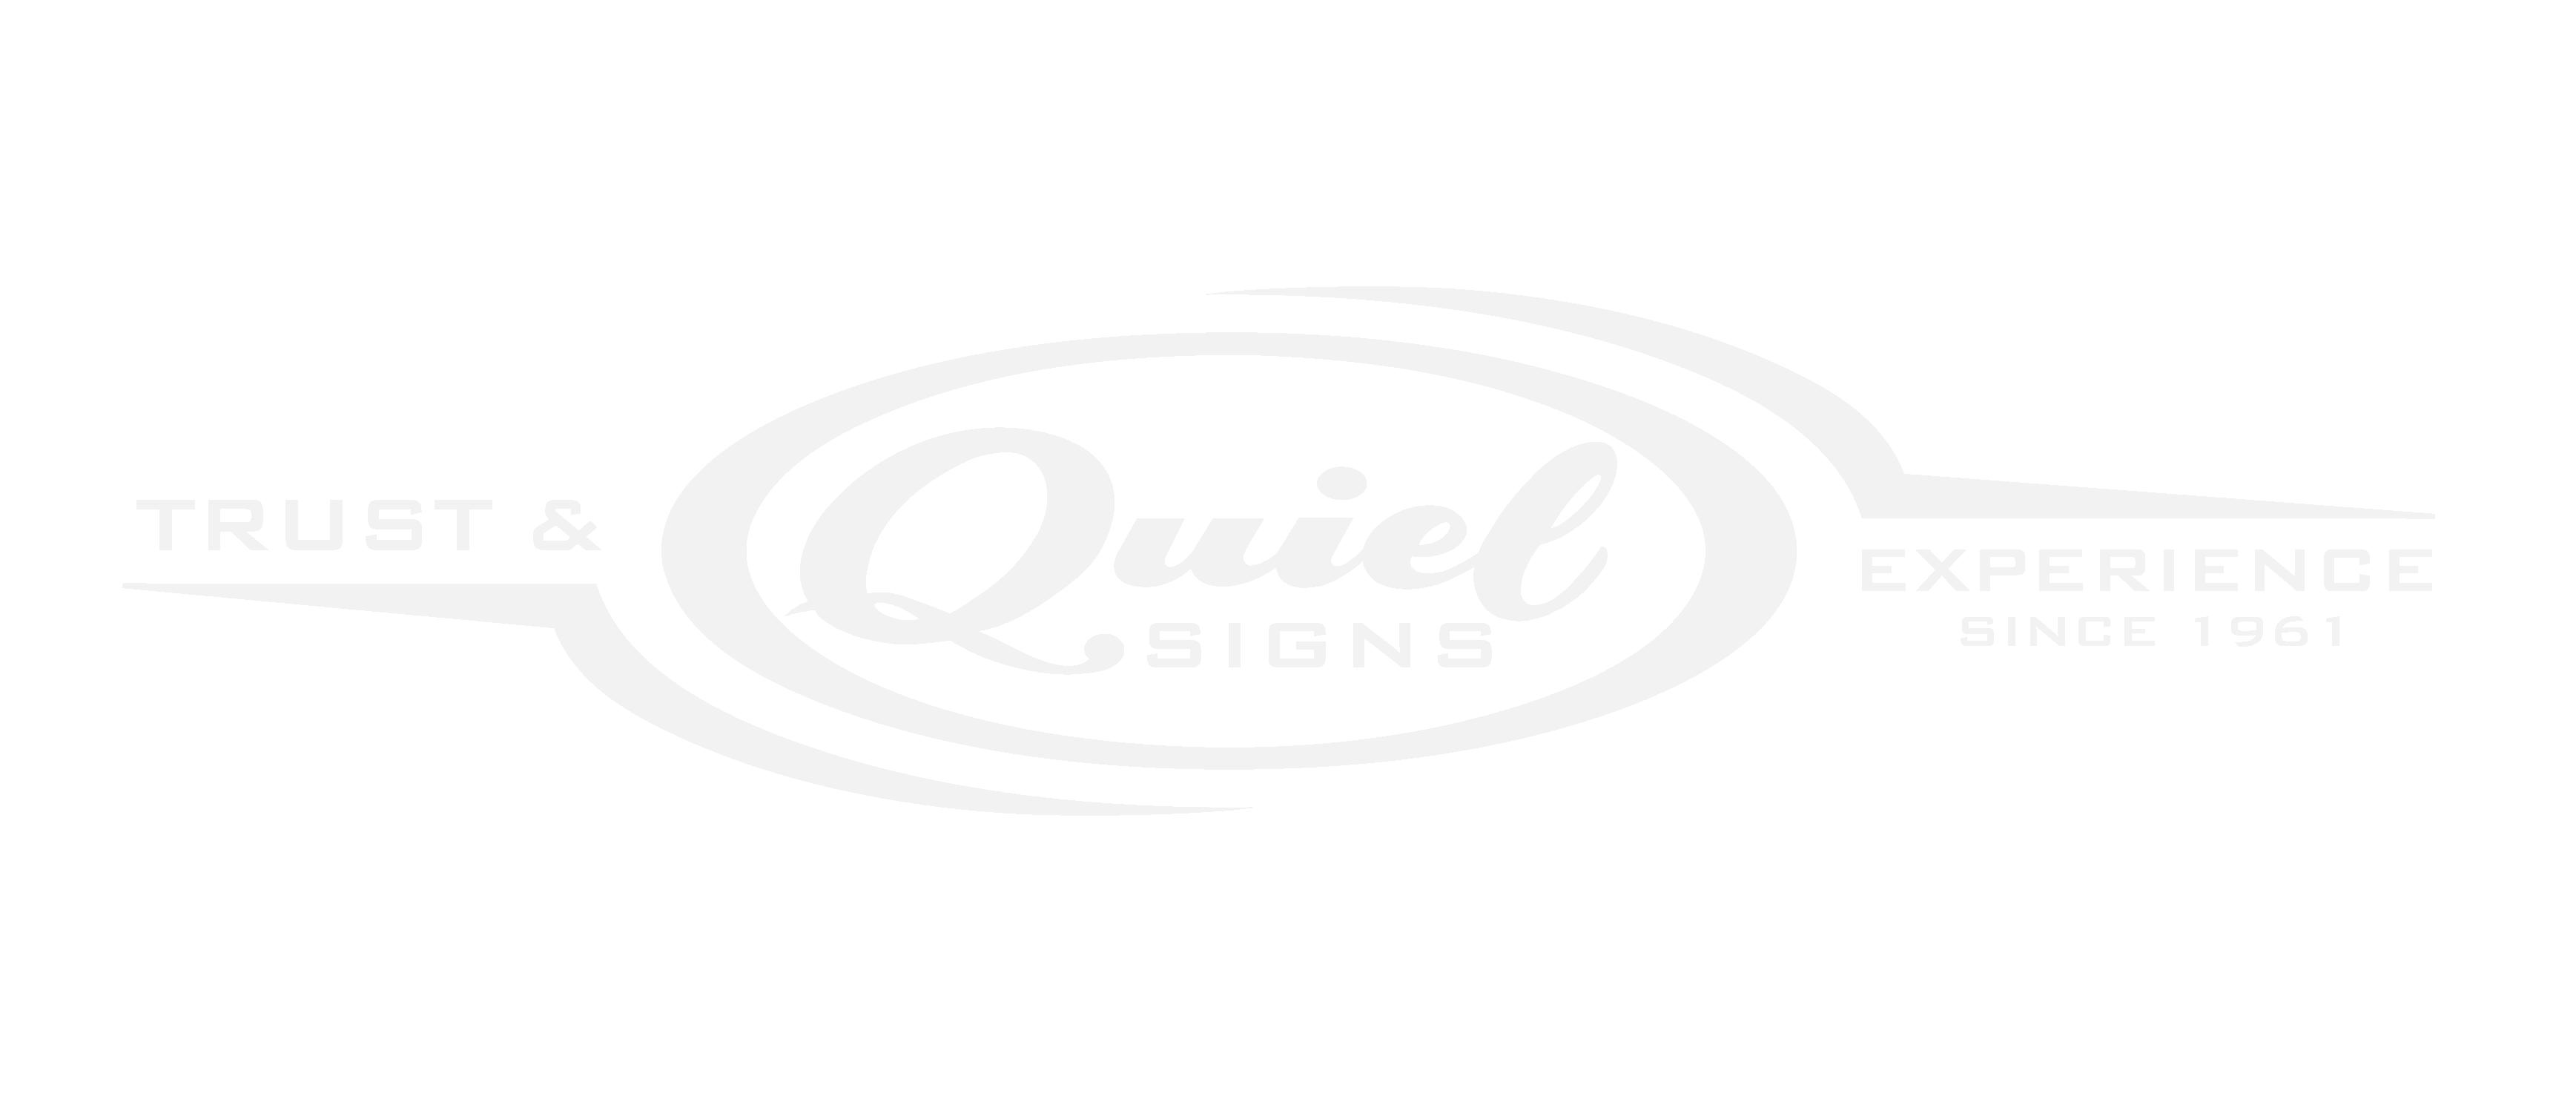 Quiel Silver Logo